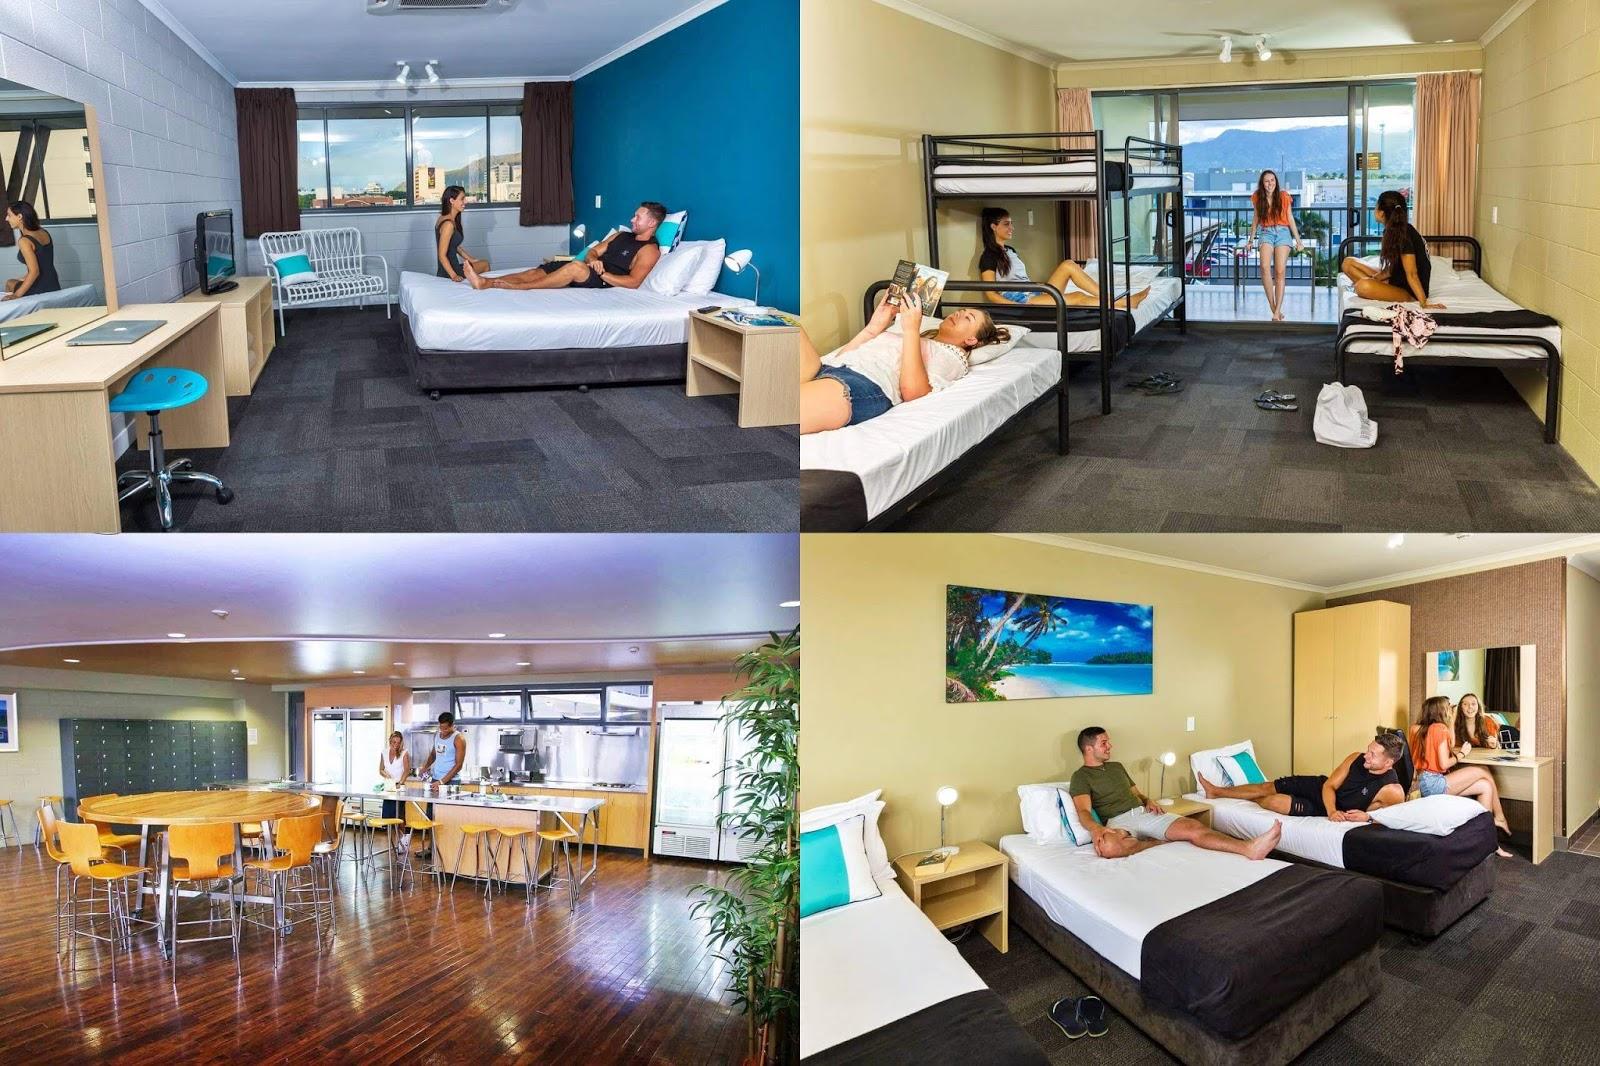 凱恩斯-住宿-推薦-吉利根背包客度假村-飯店-旅館-民宿-公寓-酒店-Cairns-Gilligan's-Backpacker-Resort-Hotel